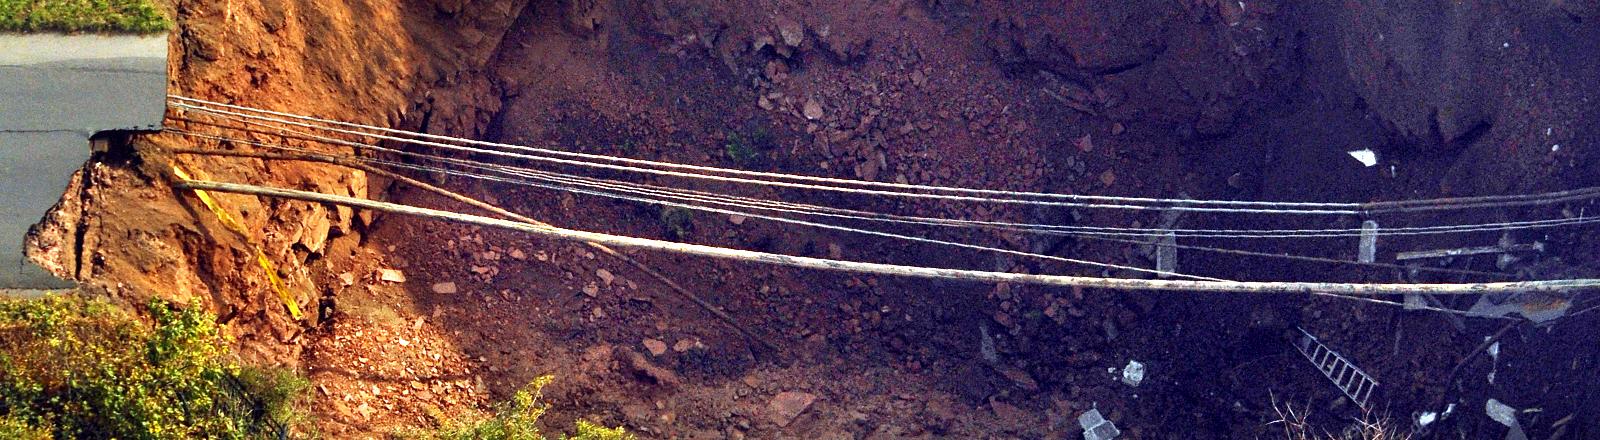 Ein Erdloch, darüber verlaufen mehrere Leitungen und Rohre, die unter einer Straße verlegt waren.